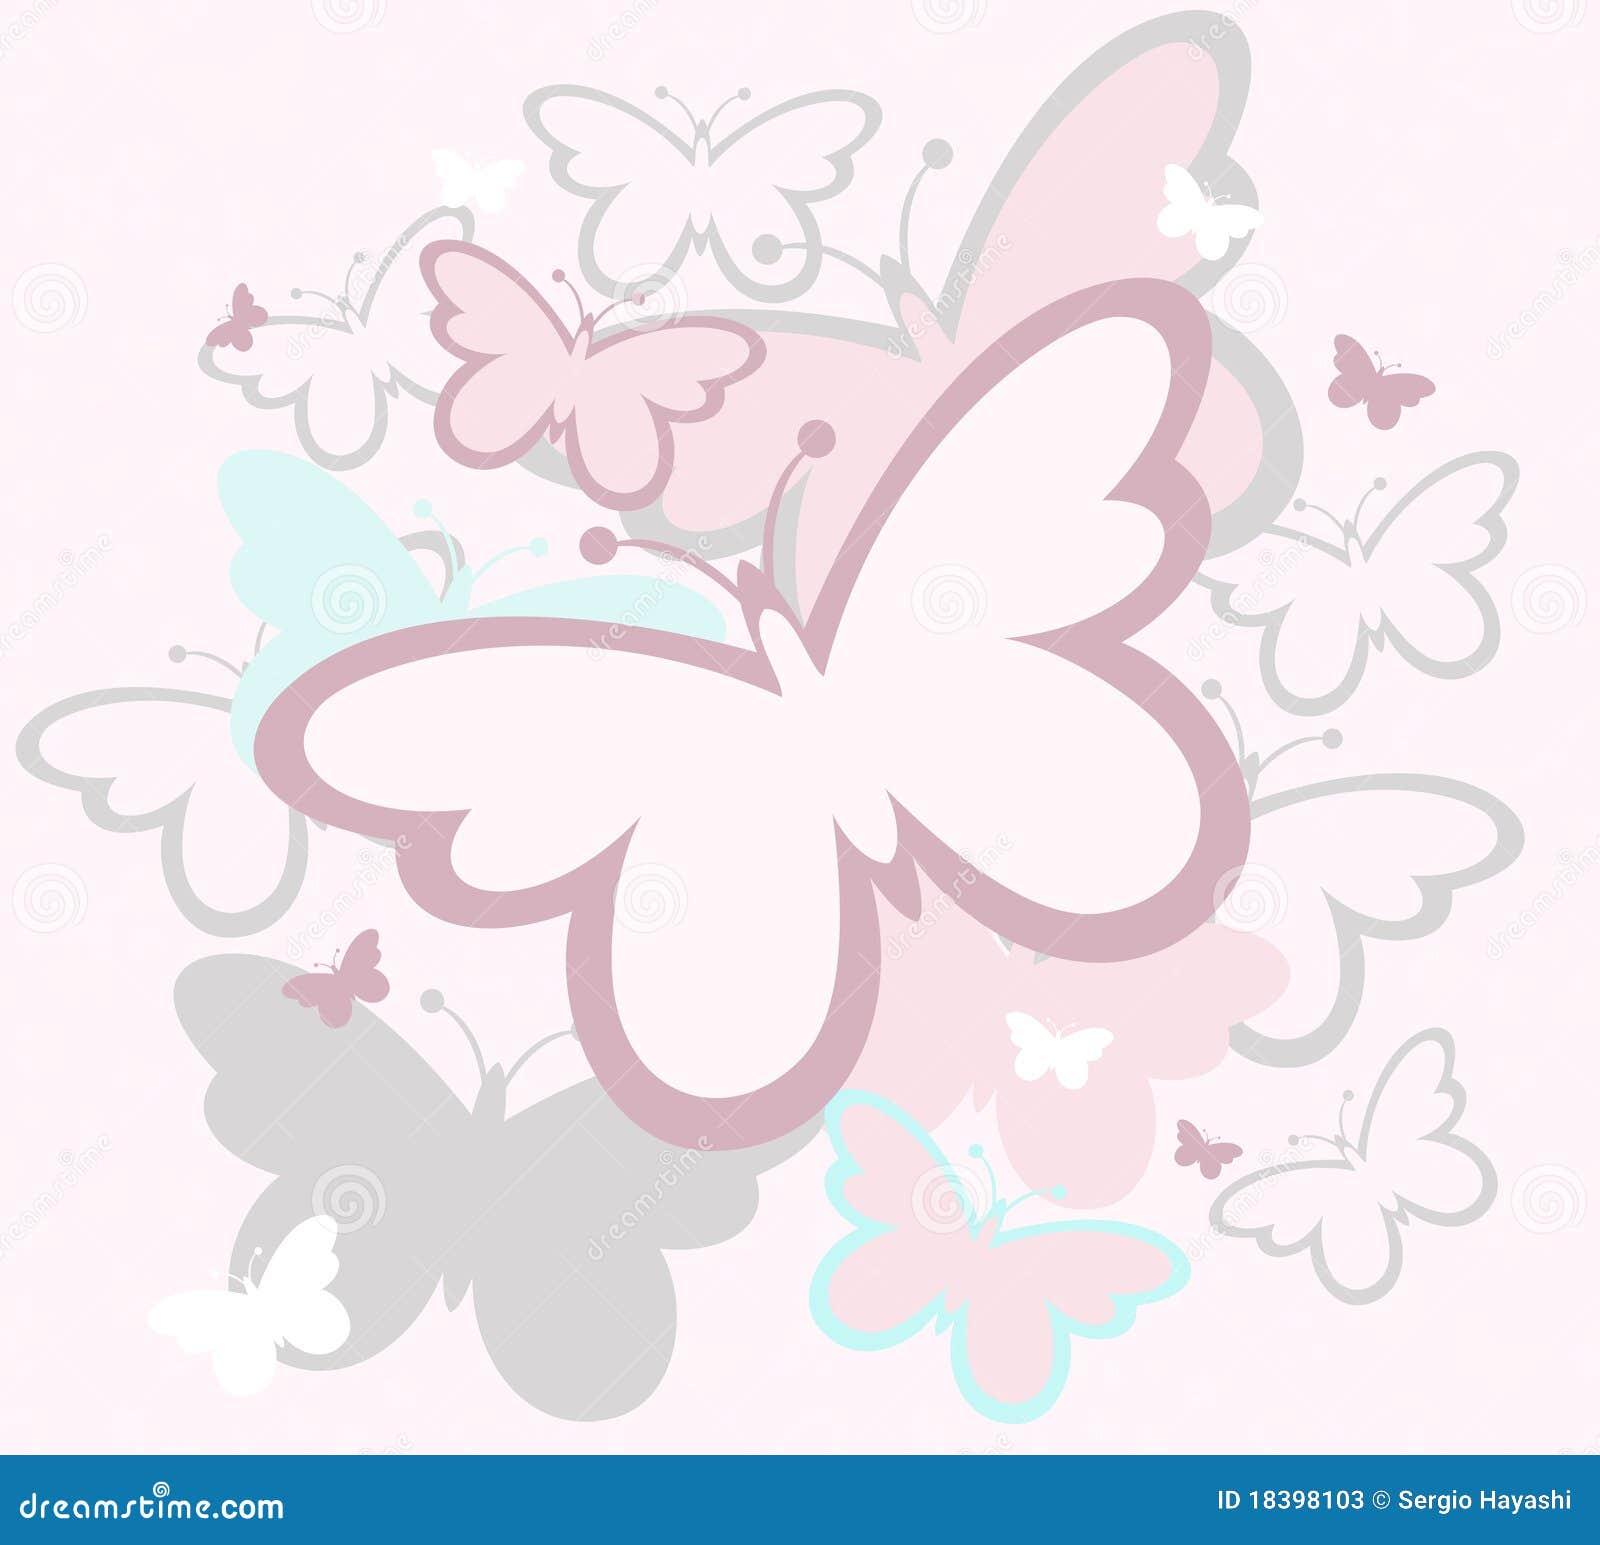 Le Farfalle Balzano Disegno Illustrazione Vettoriale Illustrazione